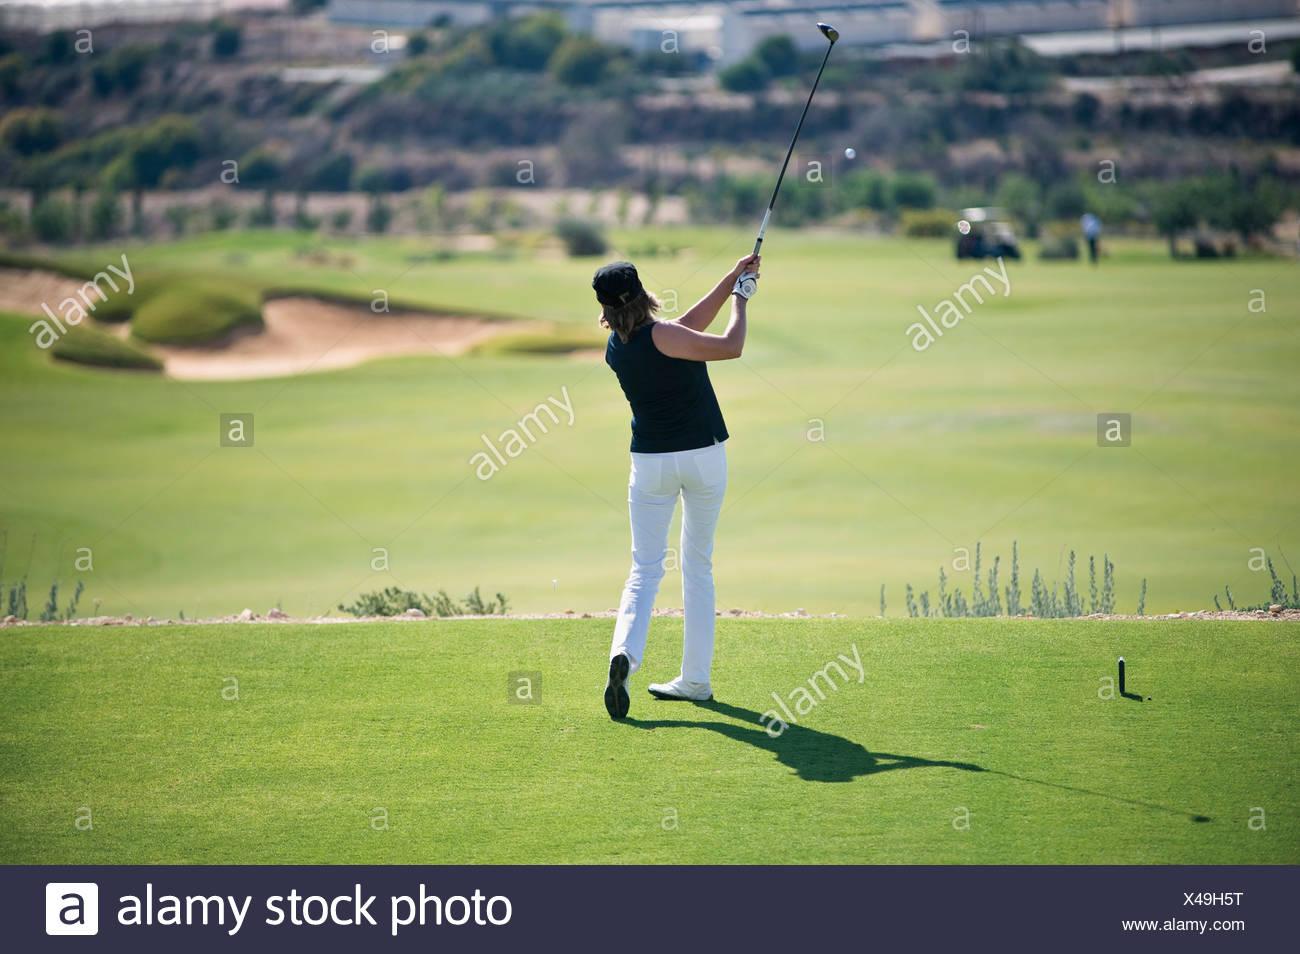 Zypern, Frau Golfspielen am Golfplatz Stockbild